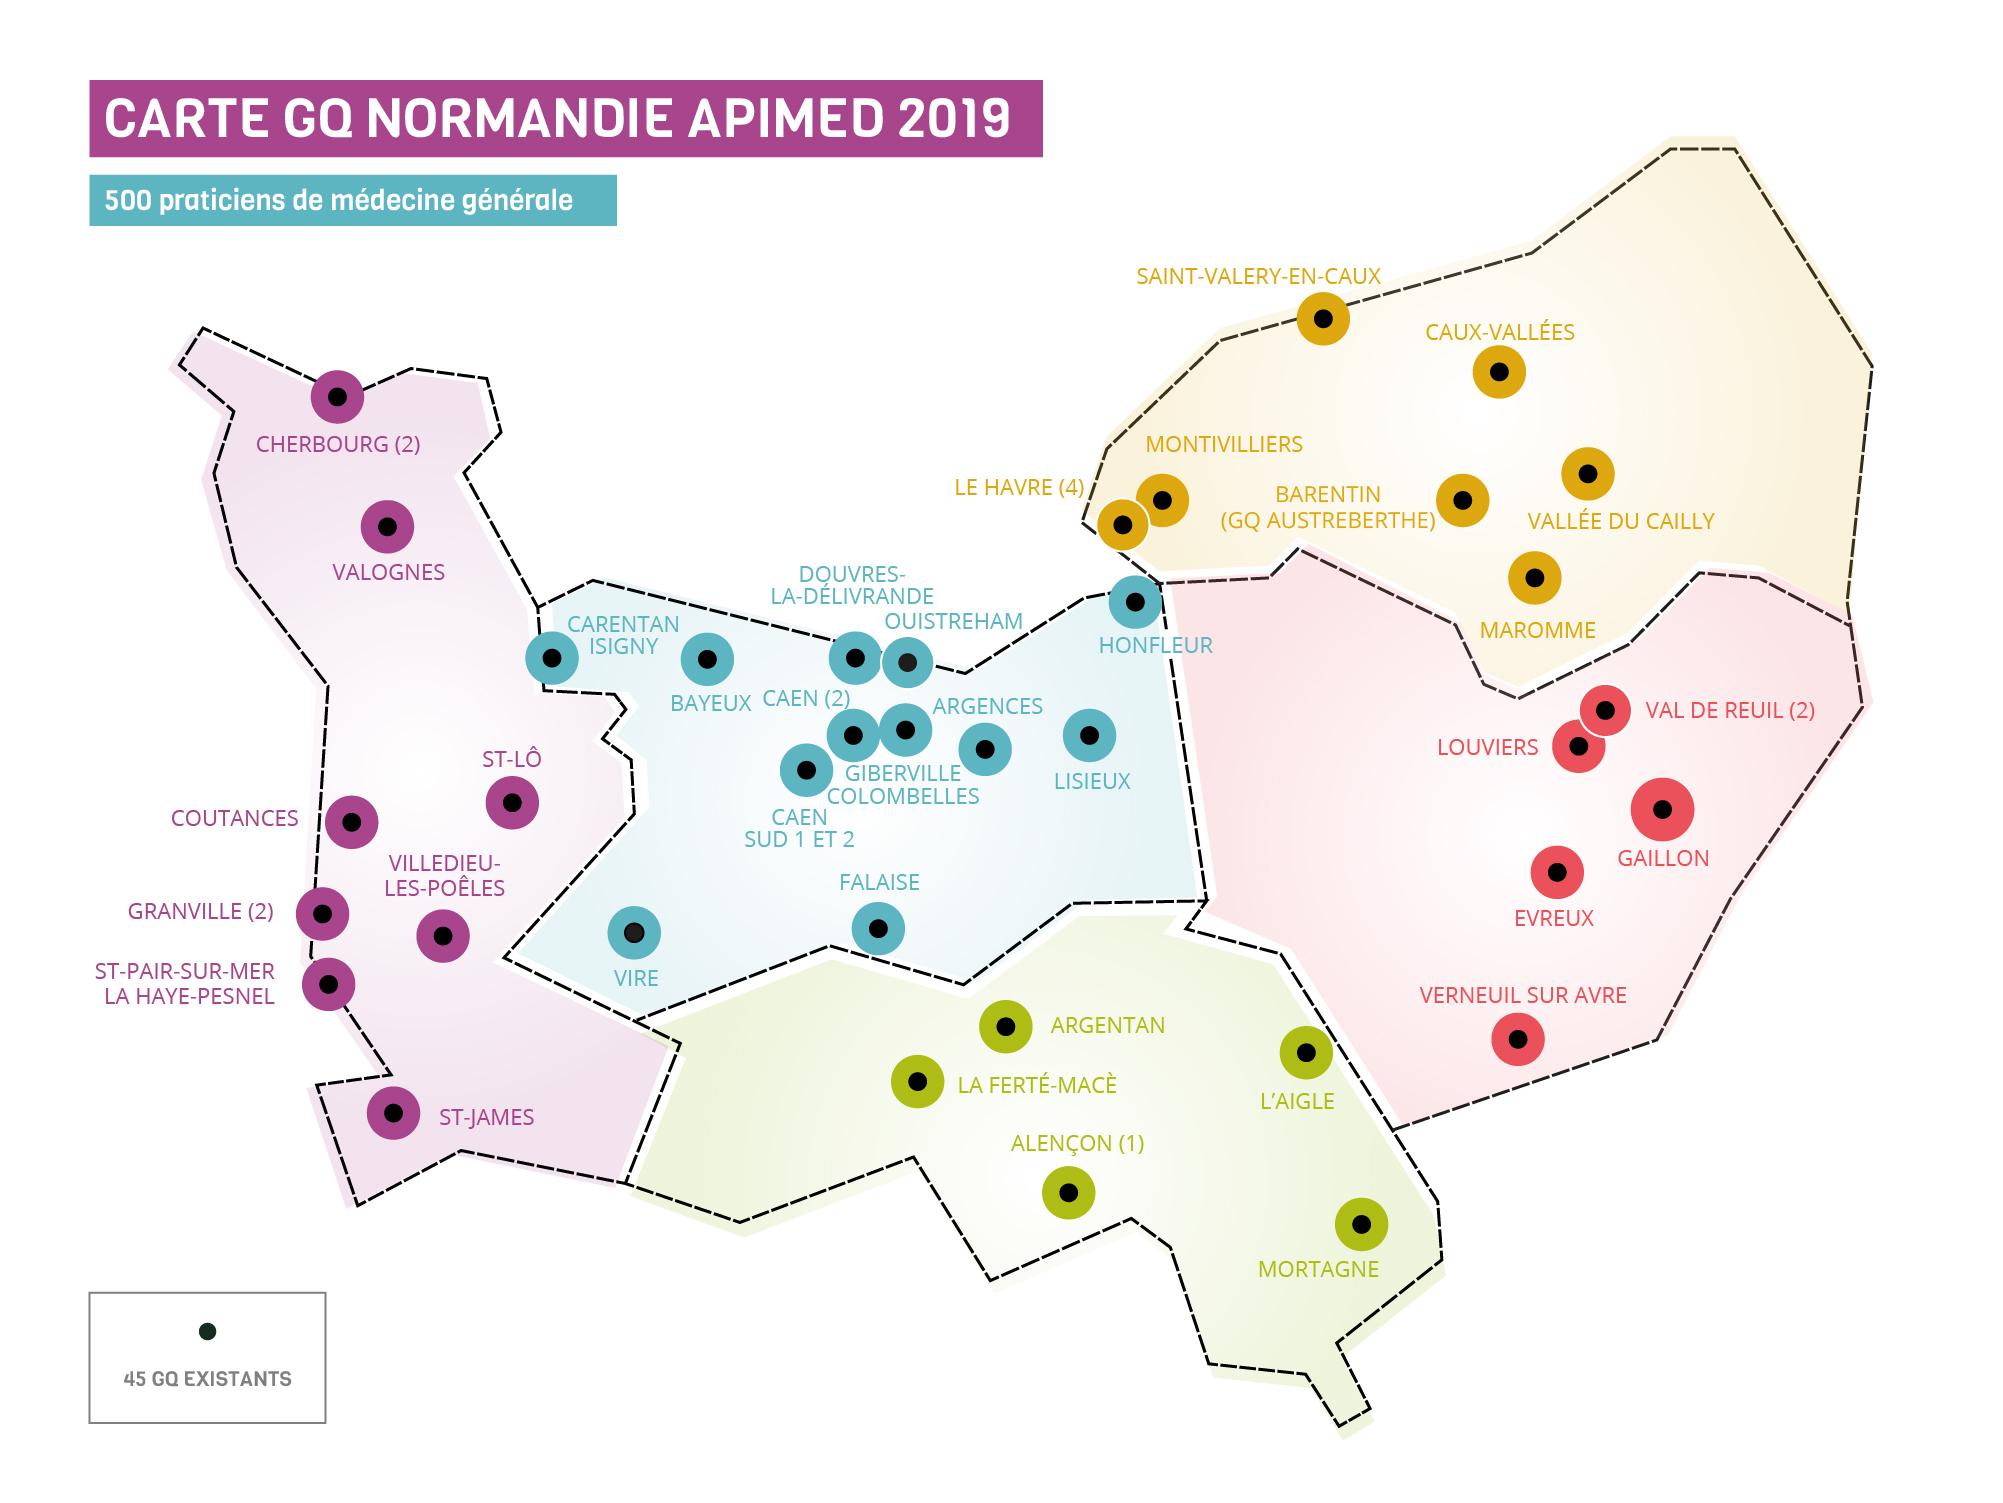 urml carte GQ Normandie 2019 02 - Les Groupes Qualité normandie en image